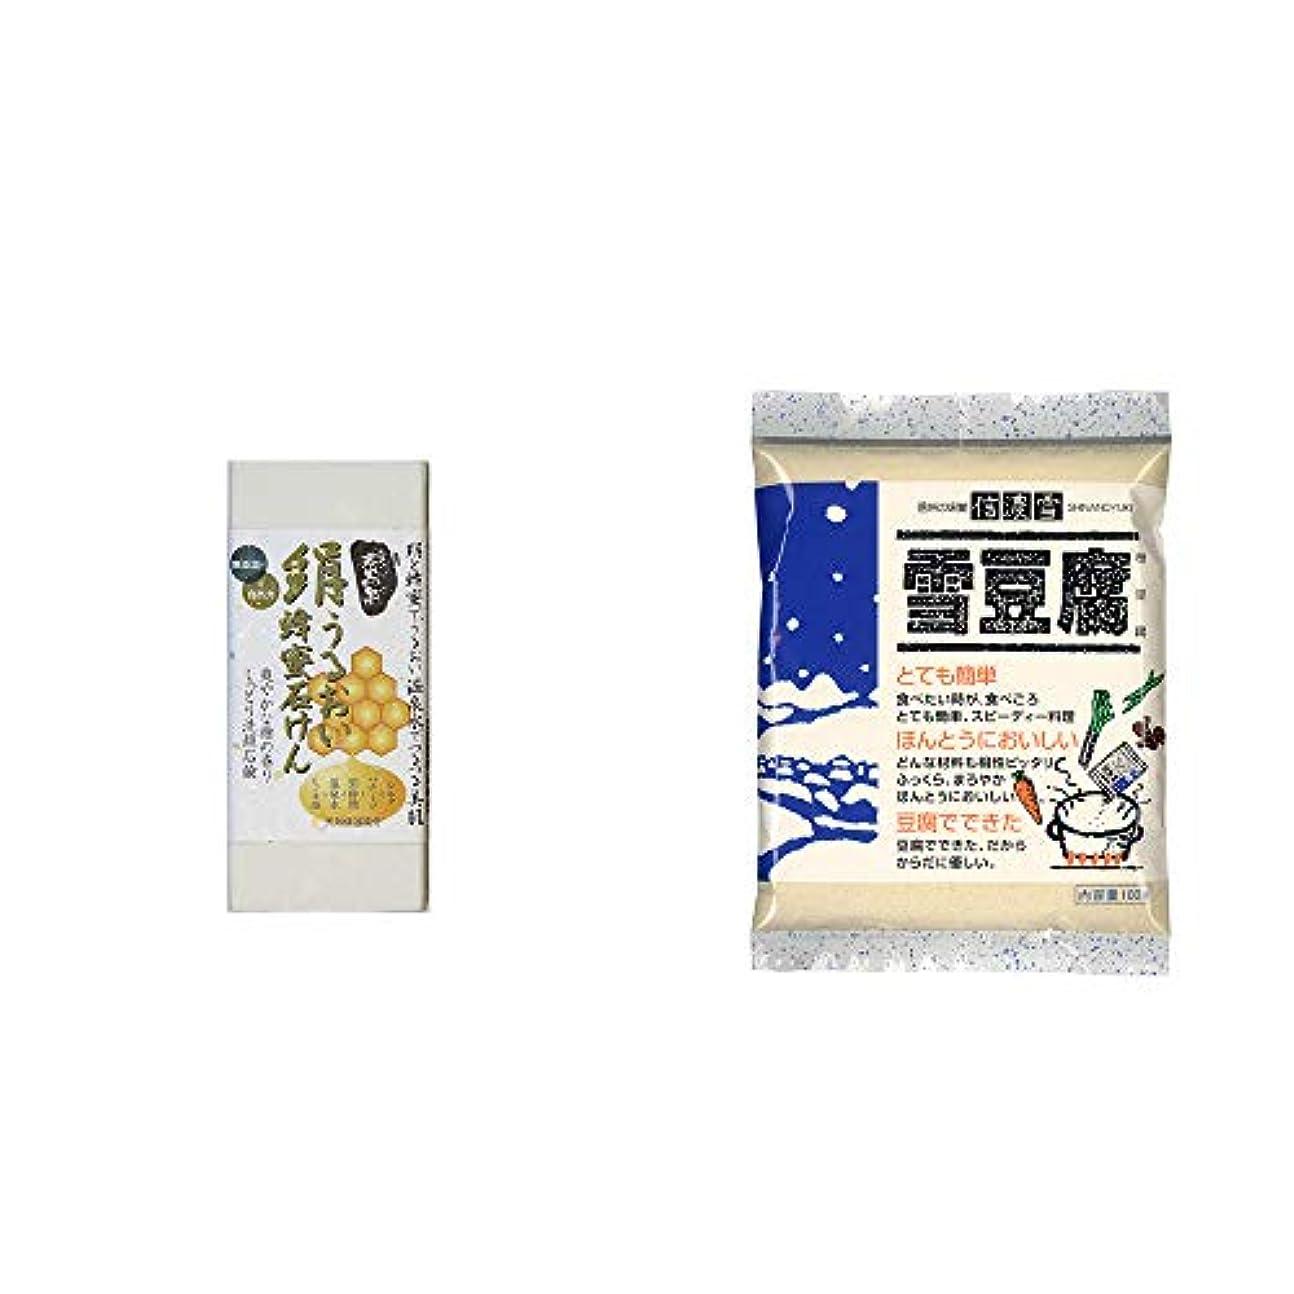 責任者議会海里[2点セット] ひのき炭黒泉 絹うるおい蜂蜜石けん(75g×2)?信濃雪 雪豆腐(粉豆腐)(100g)